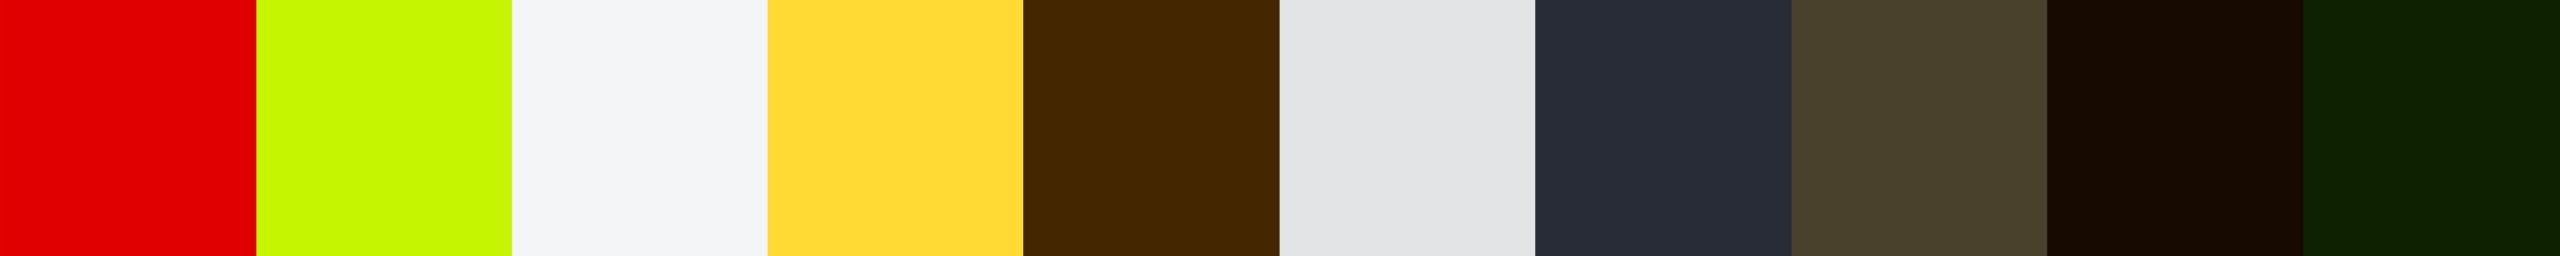 46 Ficento Color Palette